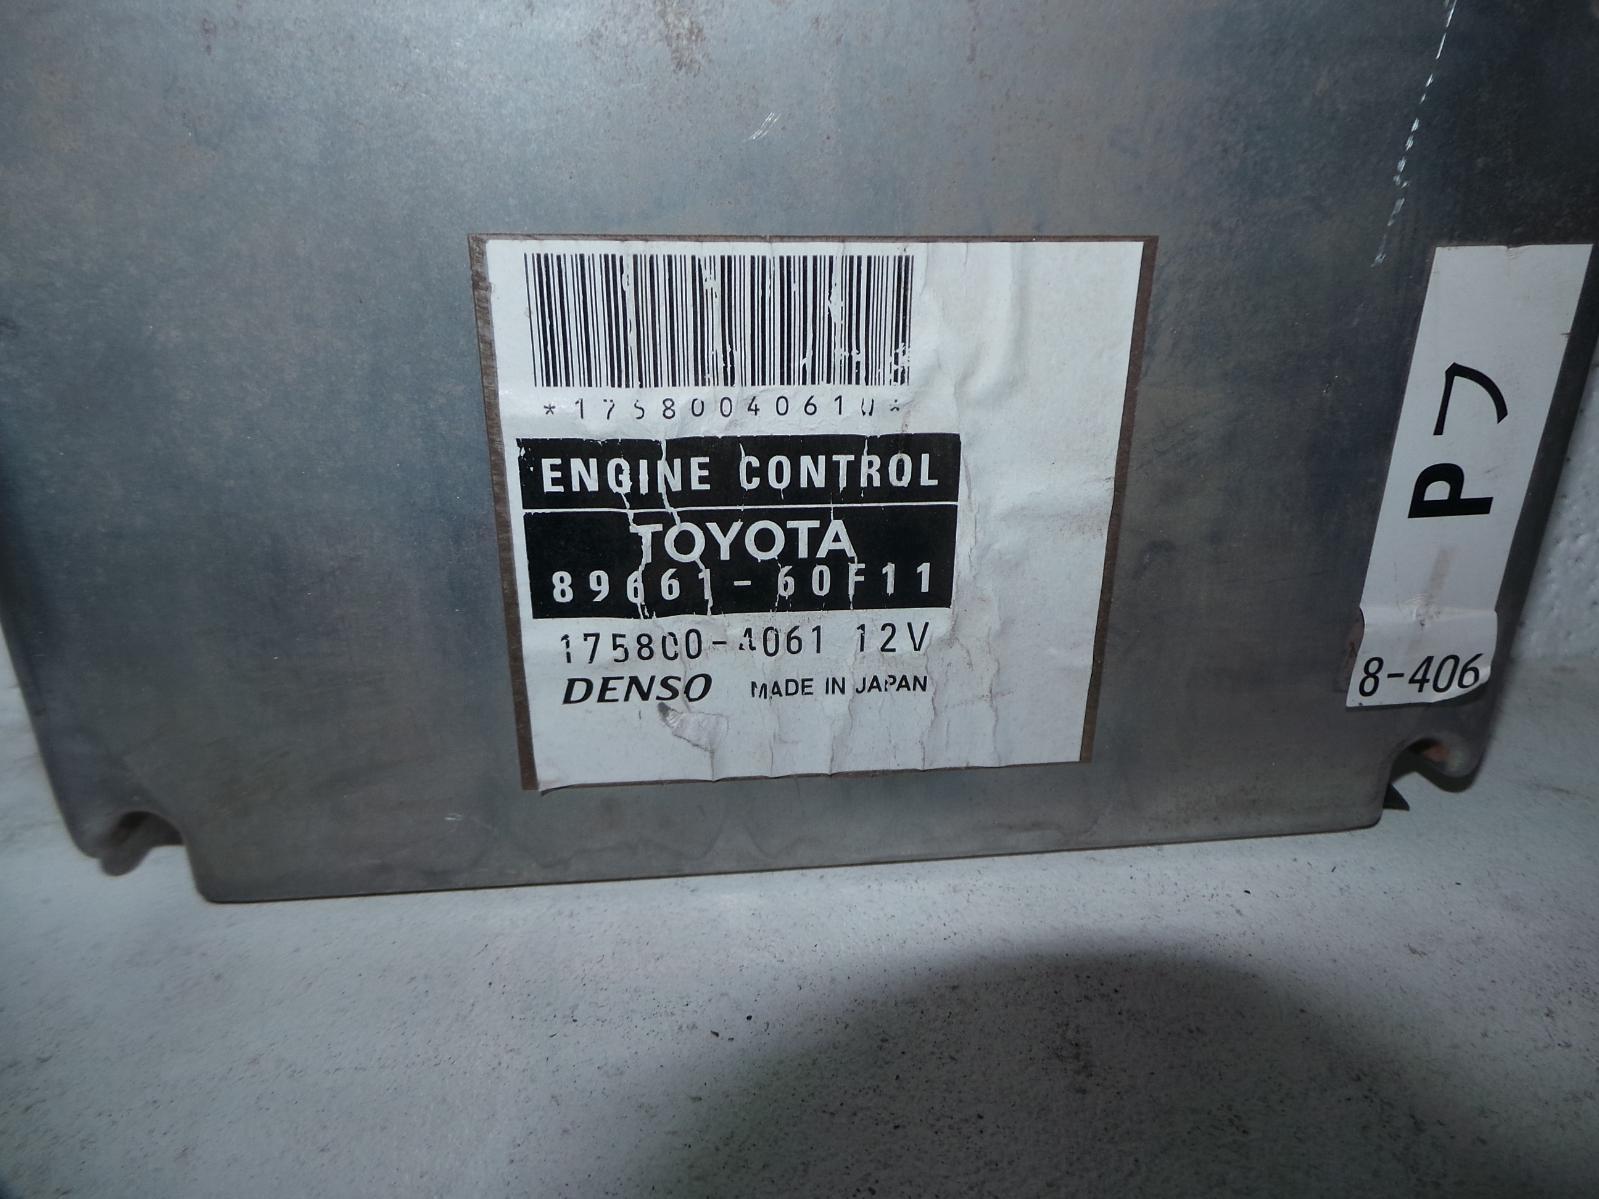 TOYOTA PRADO, Ecu, ENGINE ECU, 3.0, DIESEL, MANUAL, P/N 8966660860, ECU ONLY, 120 SERIES, 02/03-10/06